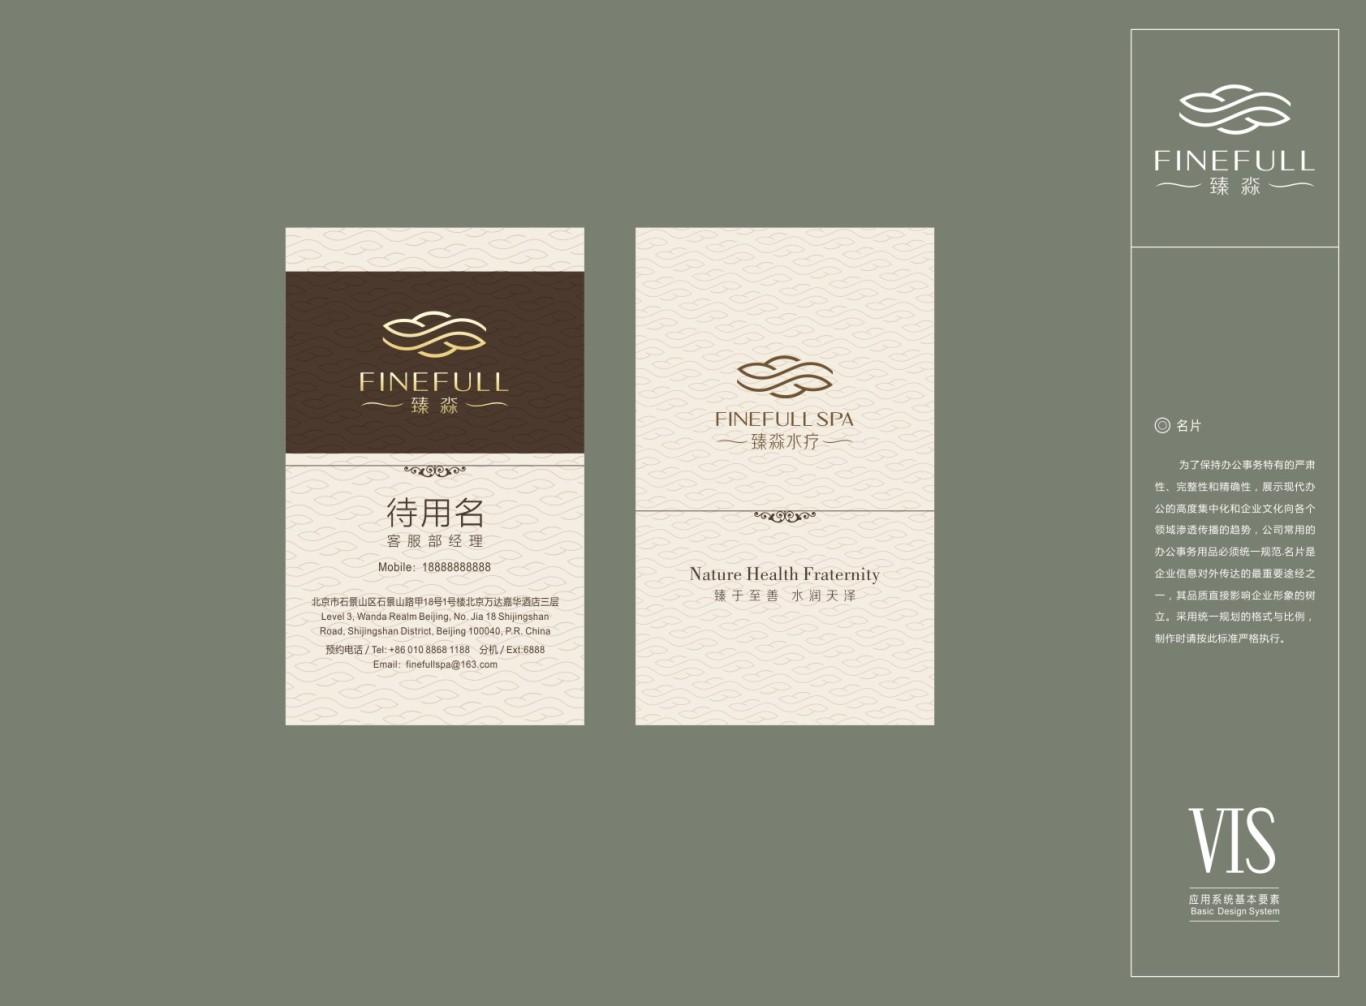 北京五星级FINEFULL-SPA水疗中心标志及VI设计图16